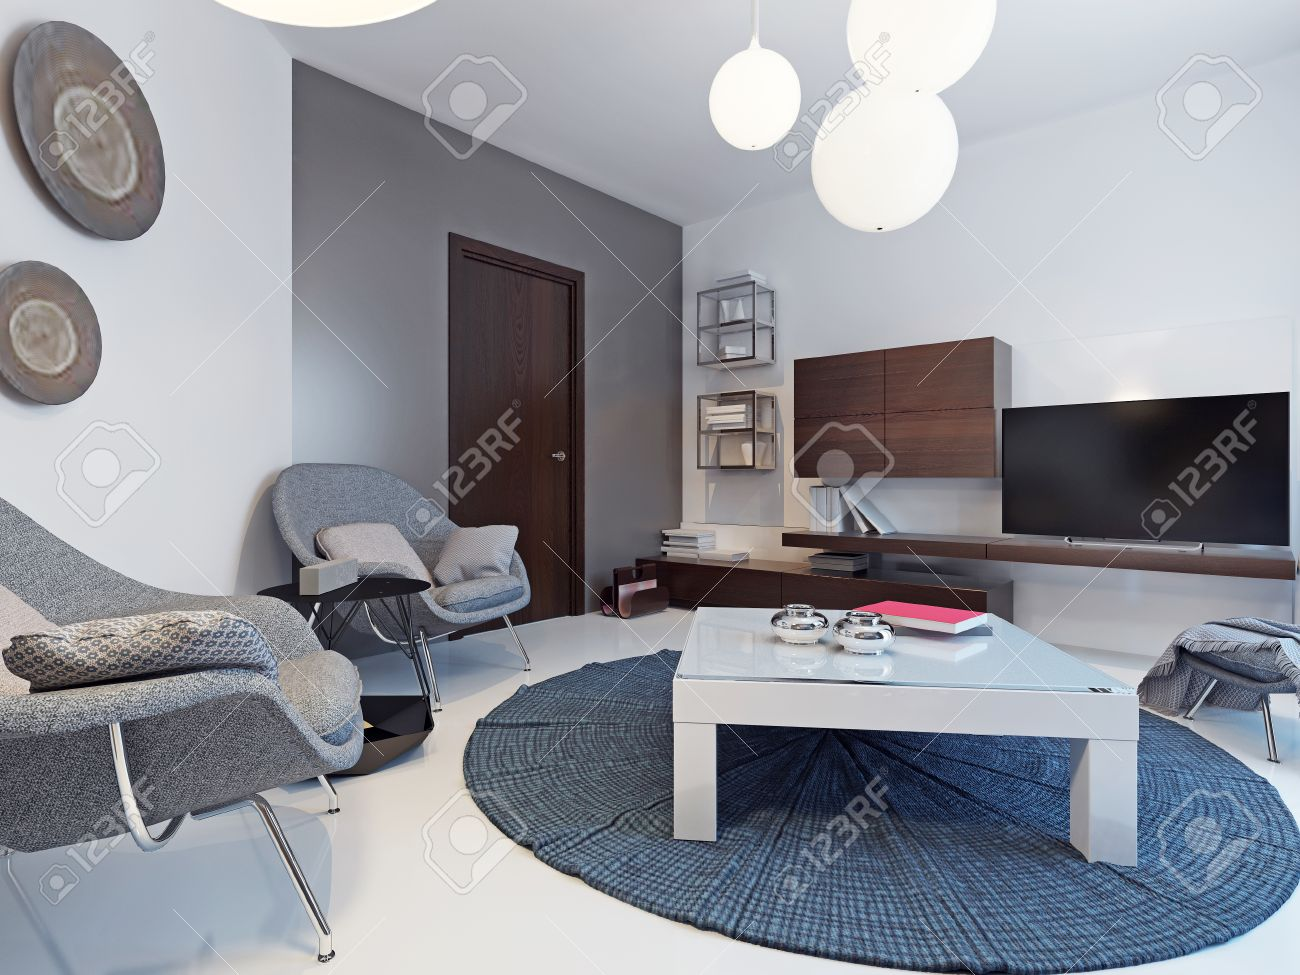 Couleur Salon Gris Et Blanc blanc salon avec meuble tv et étagères. intérieur minimaliste du salon  lumineux avec des murs de couleur blanc et gris, blanc table basse sur un  tapis